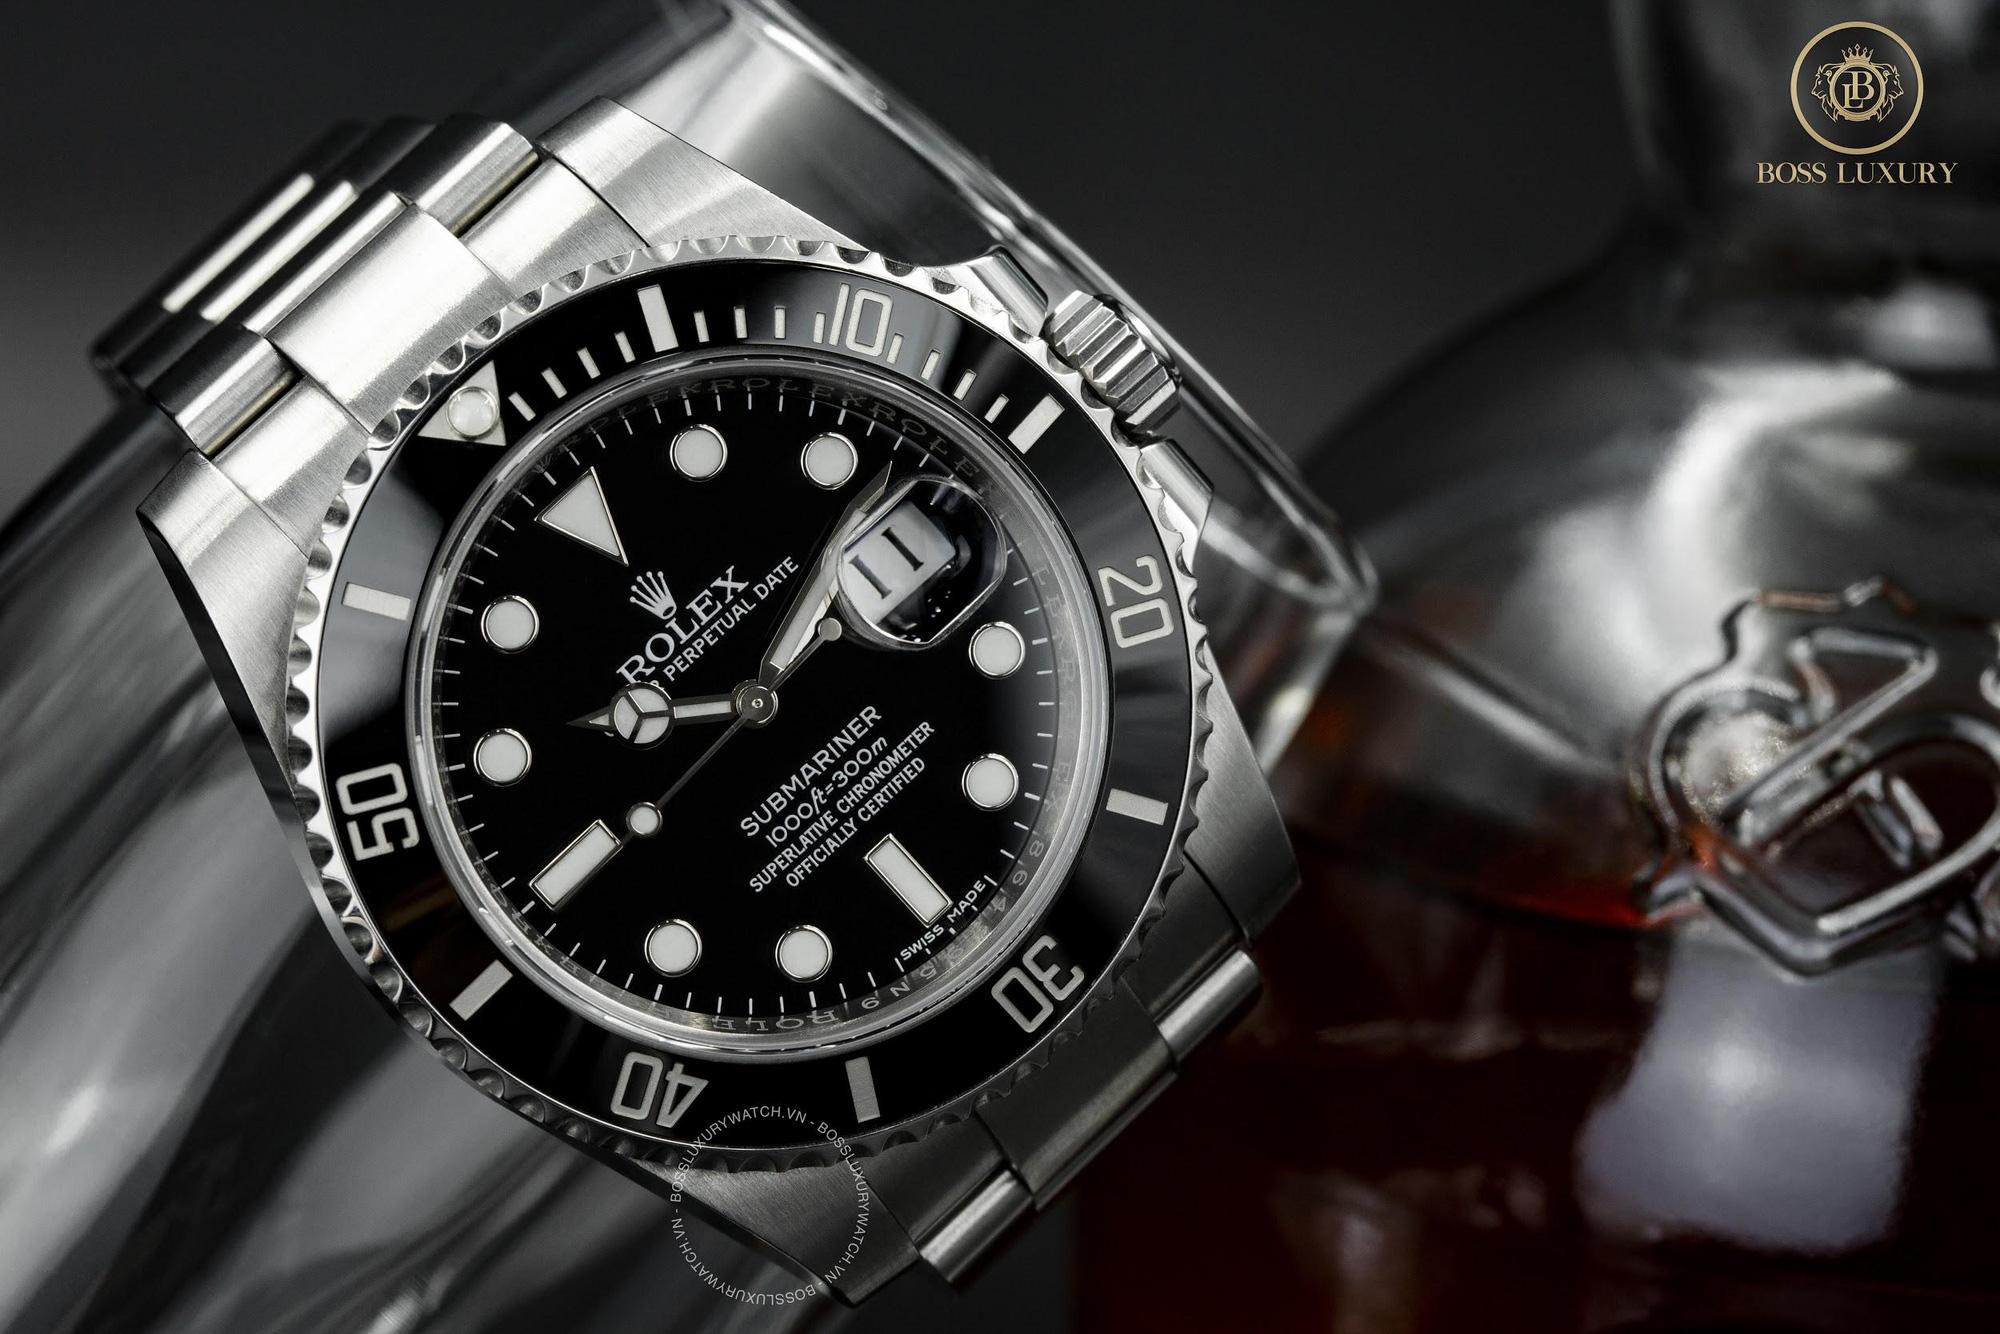 Top 5 cỗ máy đồng hồ hiệu Rolex đắt giá có mặt tại Boss Luxury - Ảnh 2.